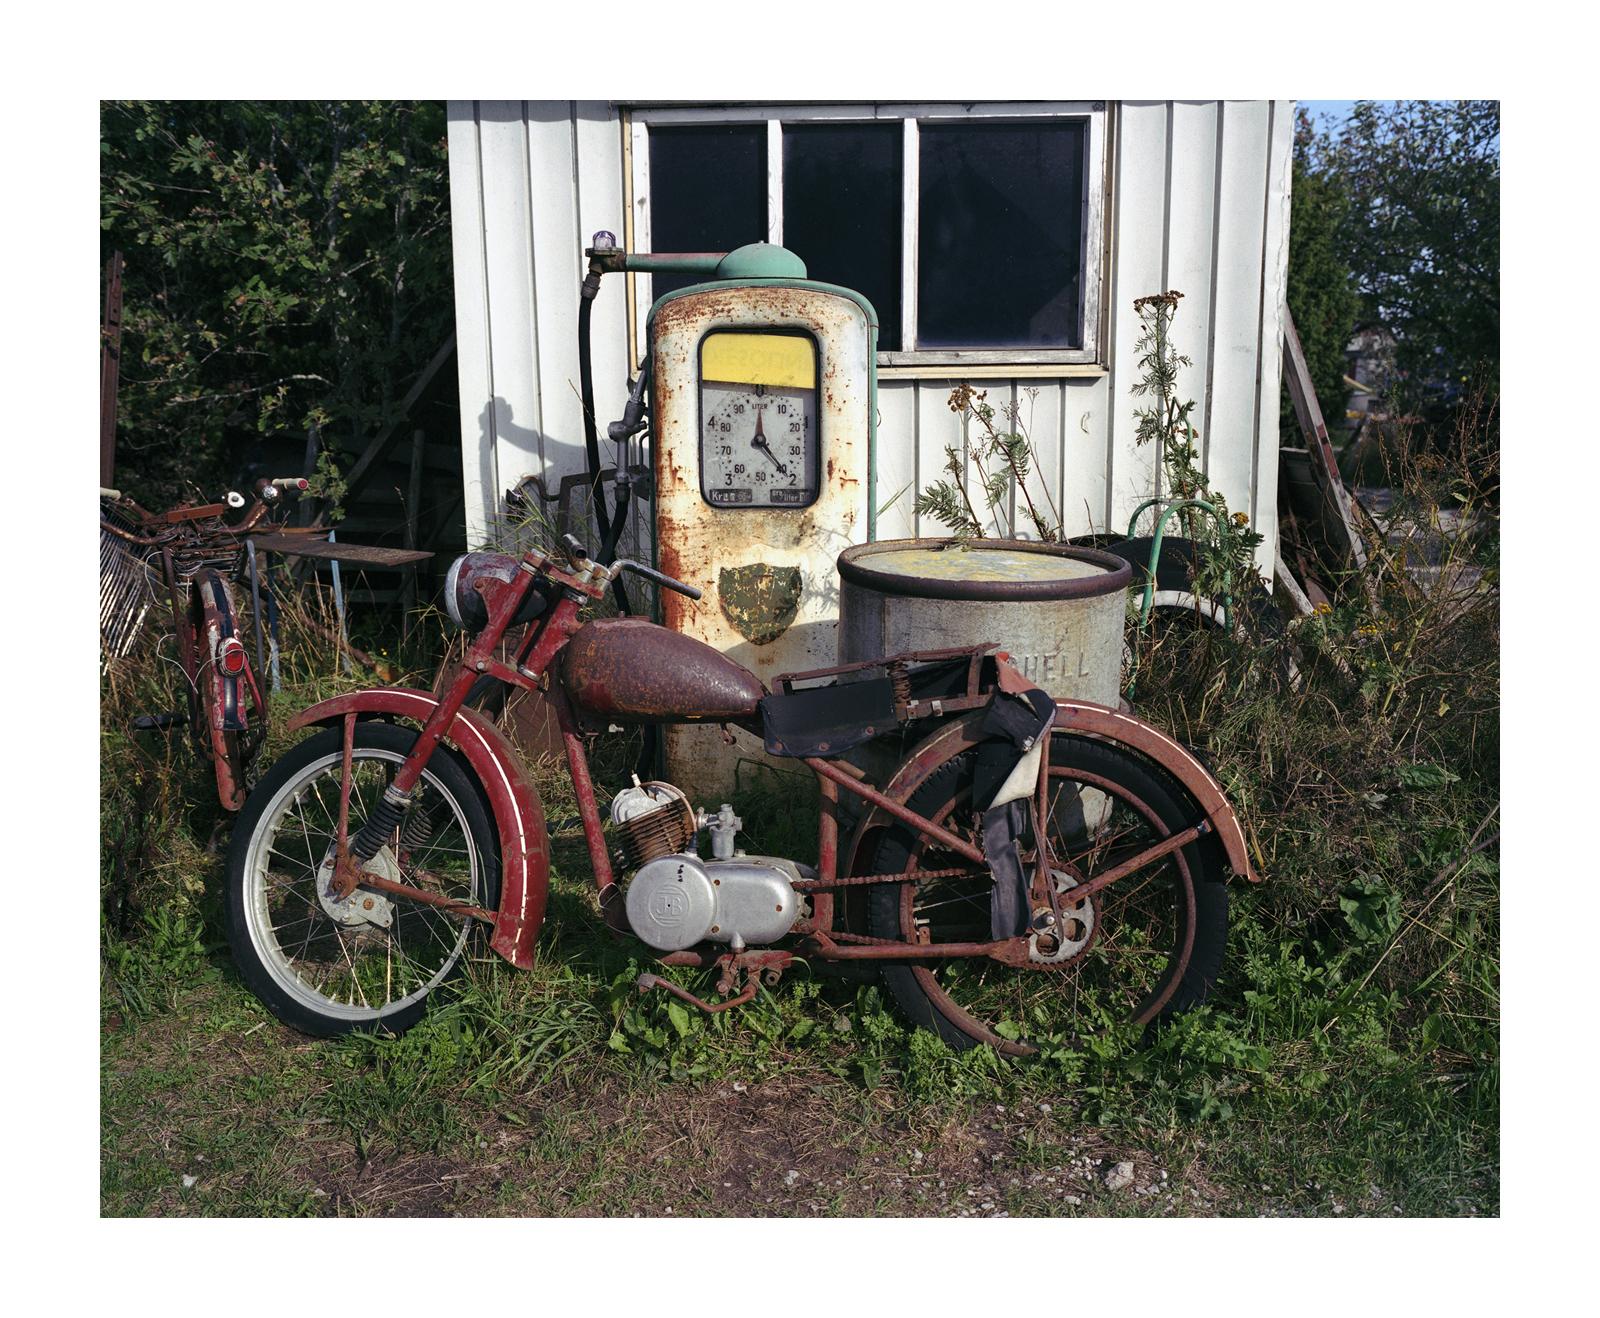 Entfernungsmesser Für Auto : Hintergrundbilder auto motorrad fahrzeug schweden oldtimer